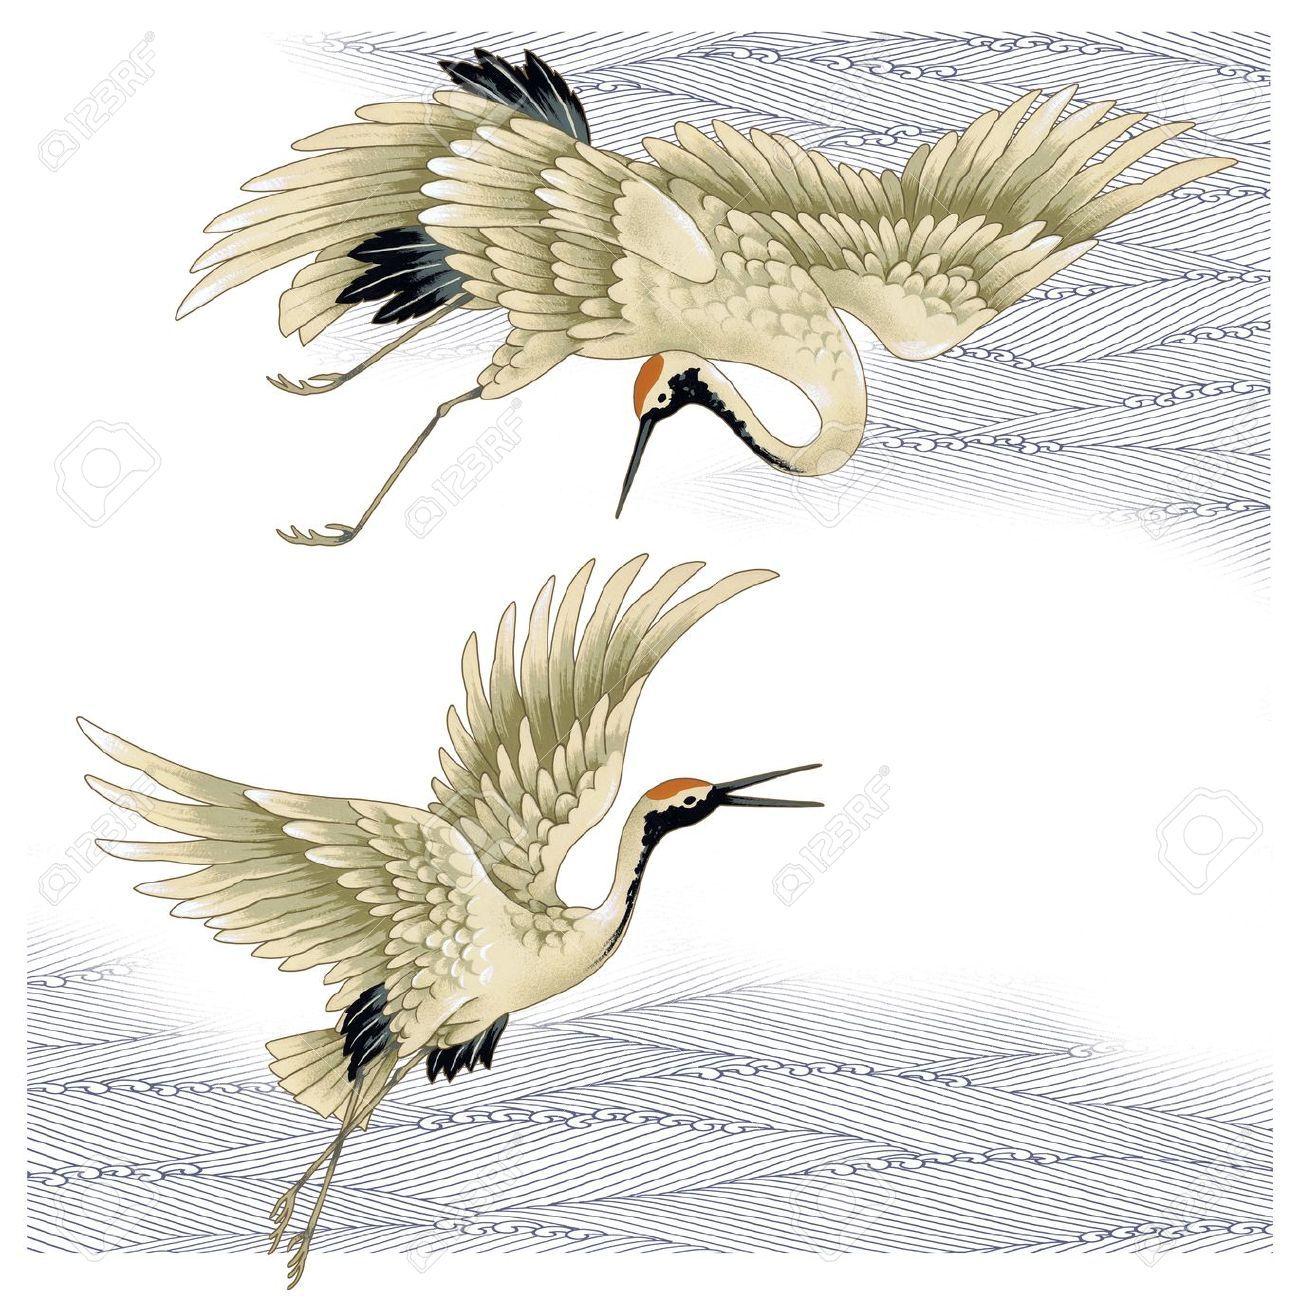 aziatische kraanvogel - Google zoeken | 图案 | Crane tattoo ... - photo#20